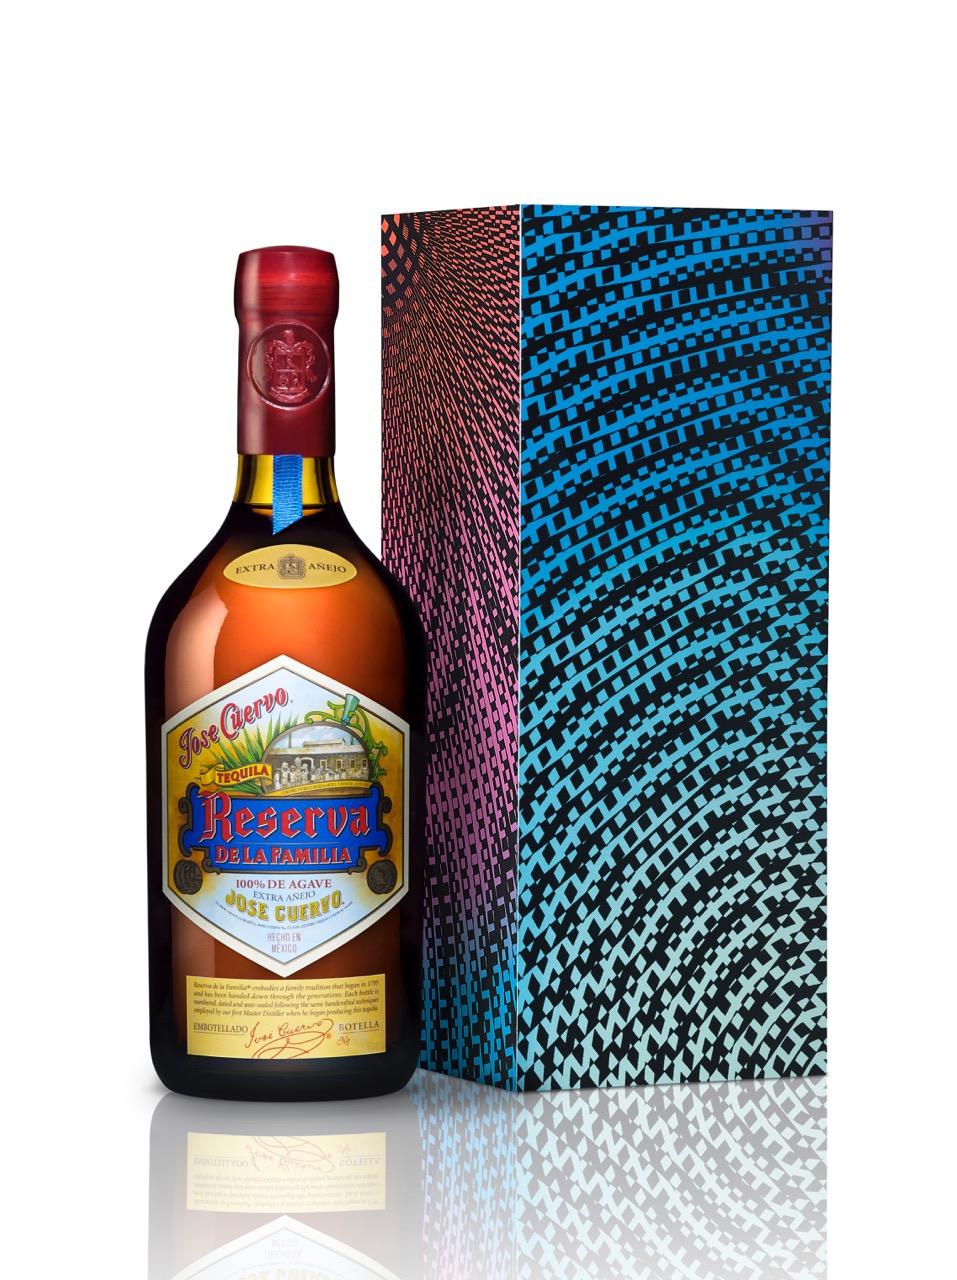 Jose Cuervo Reserva de la Familia Tequila 2014 Edition